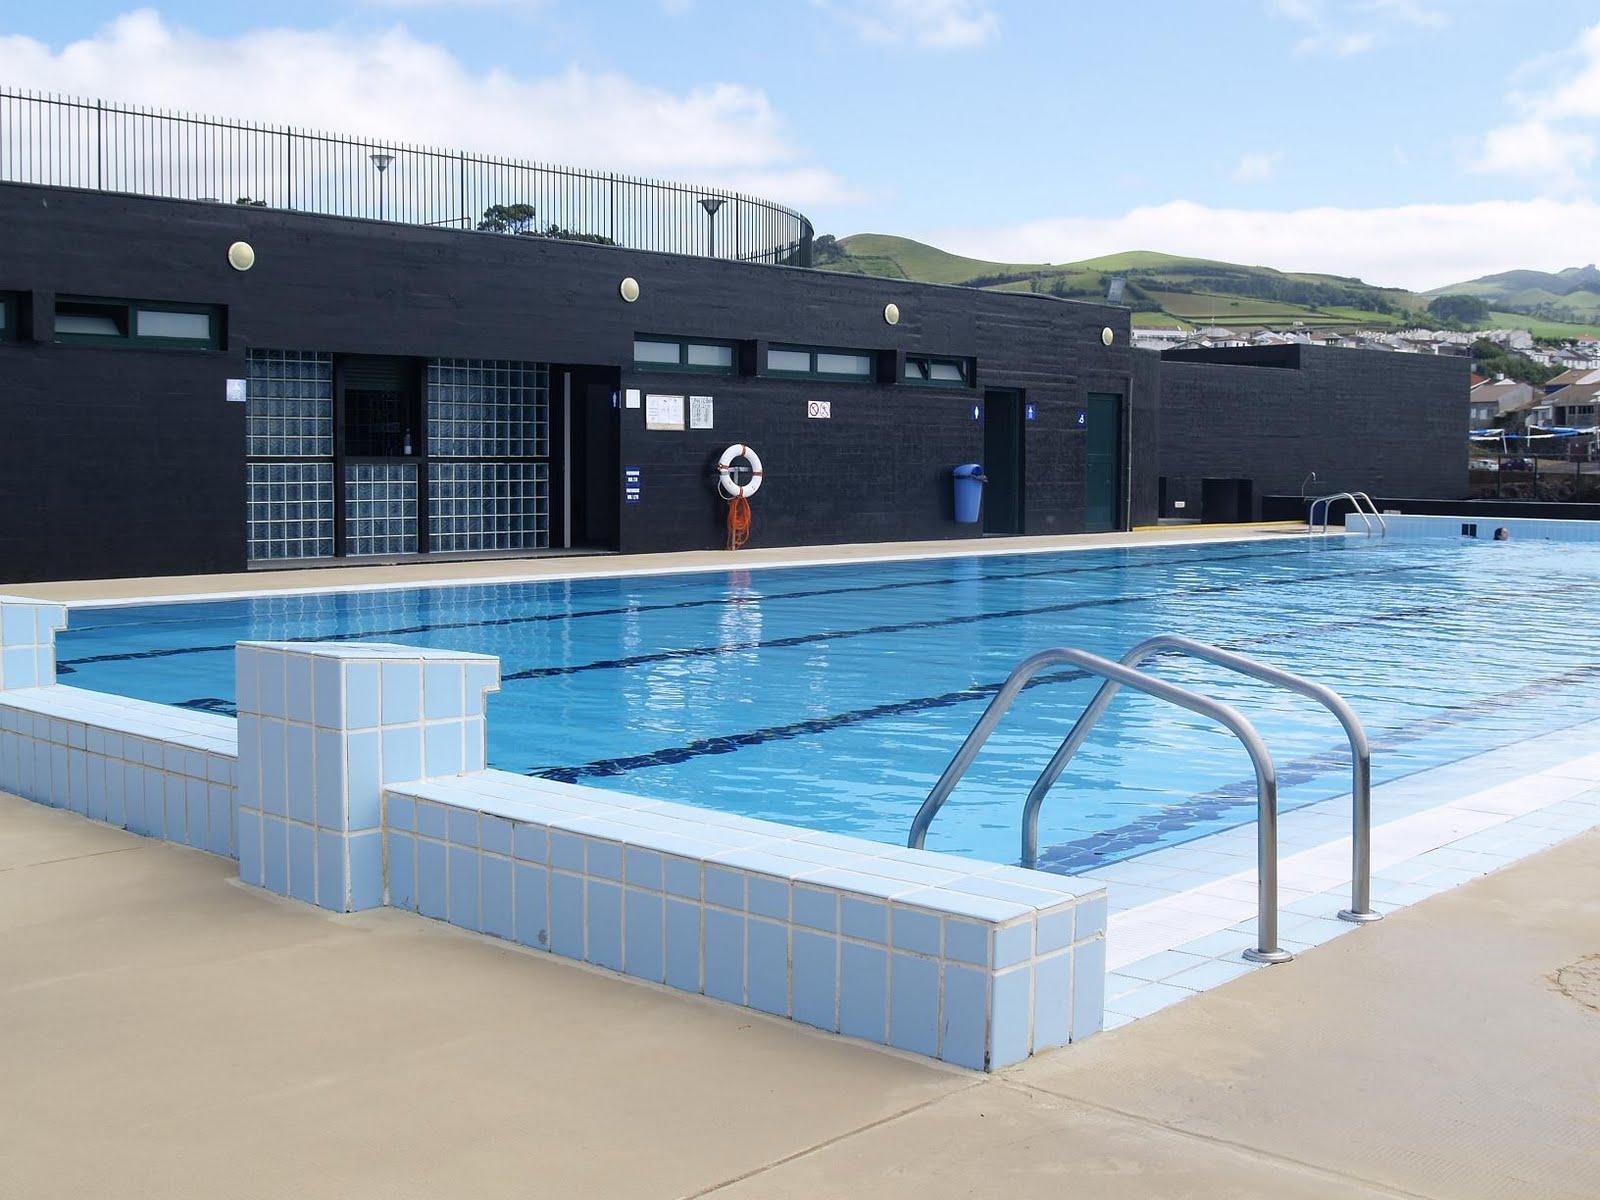 Dfa desporto e forma o a ores complexo de piscinas for Curso piscinas